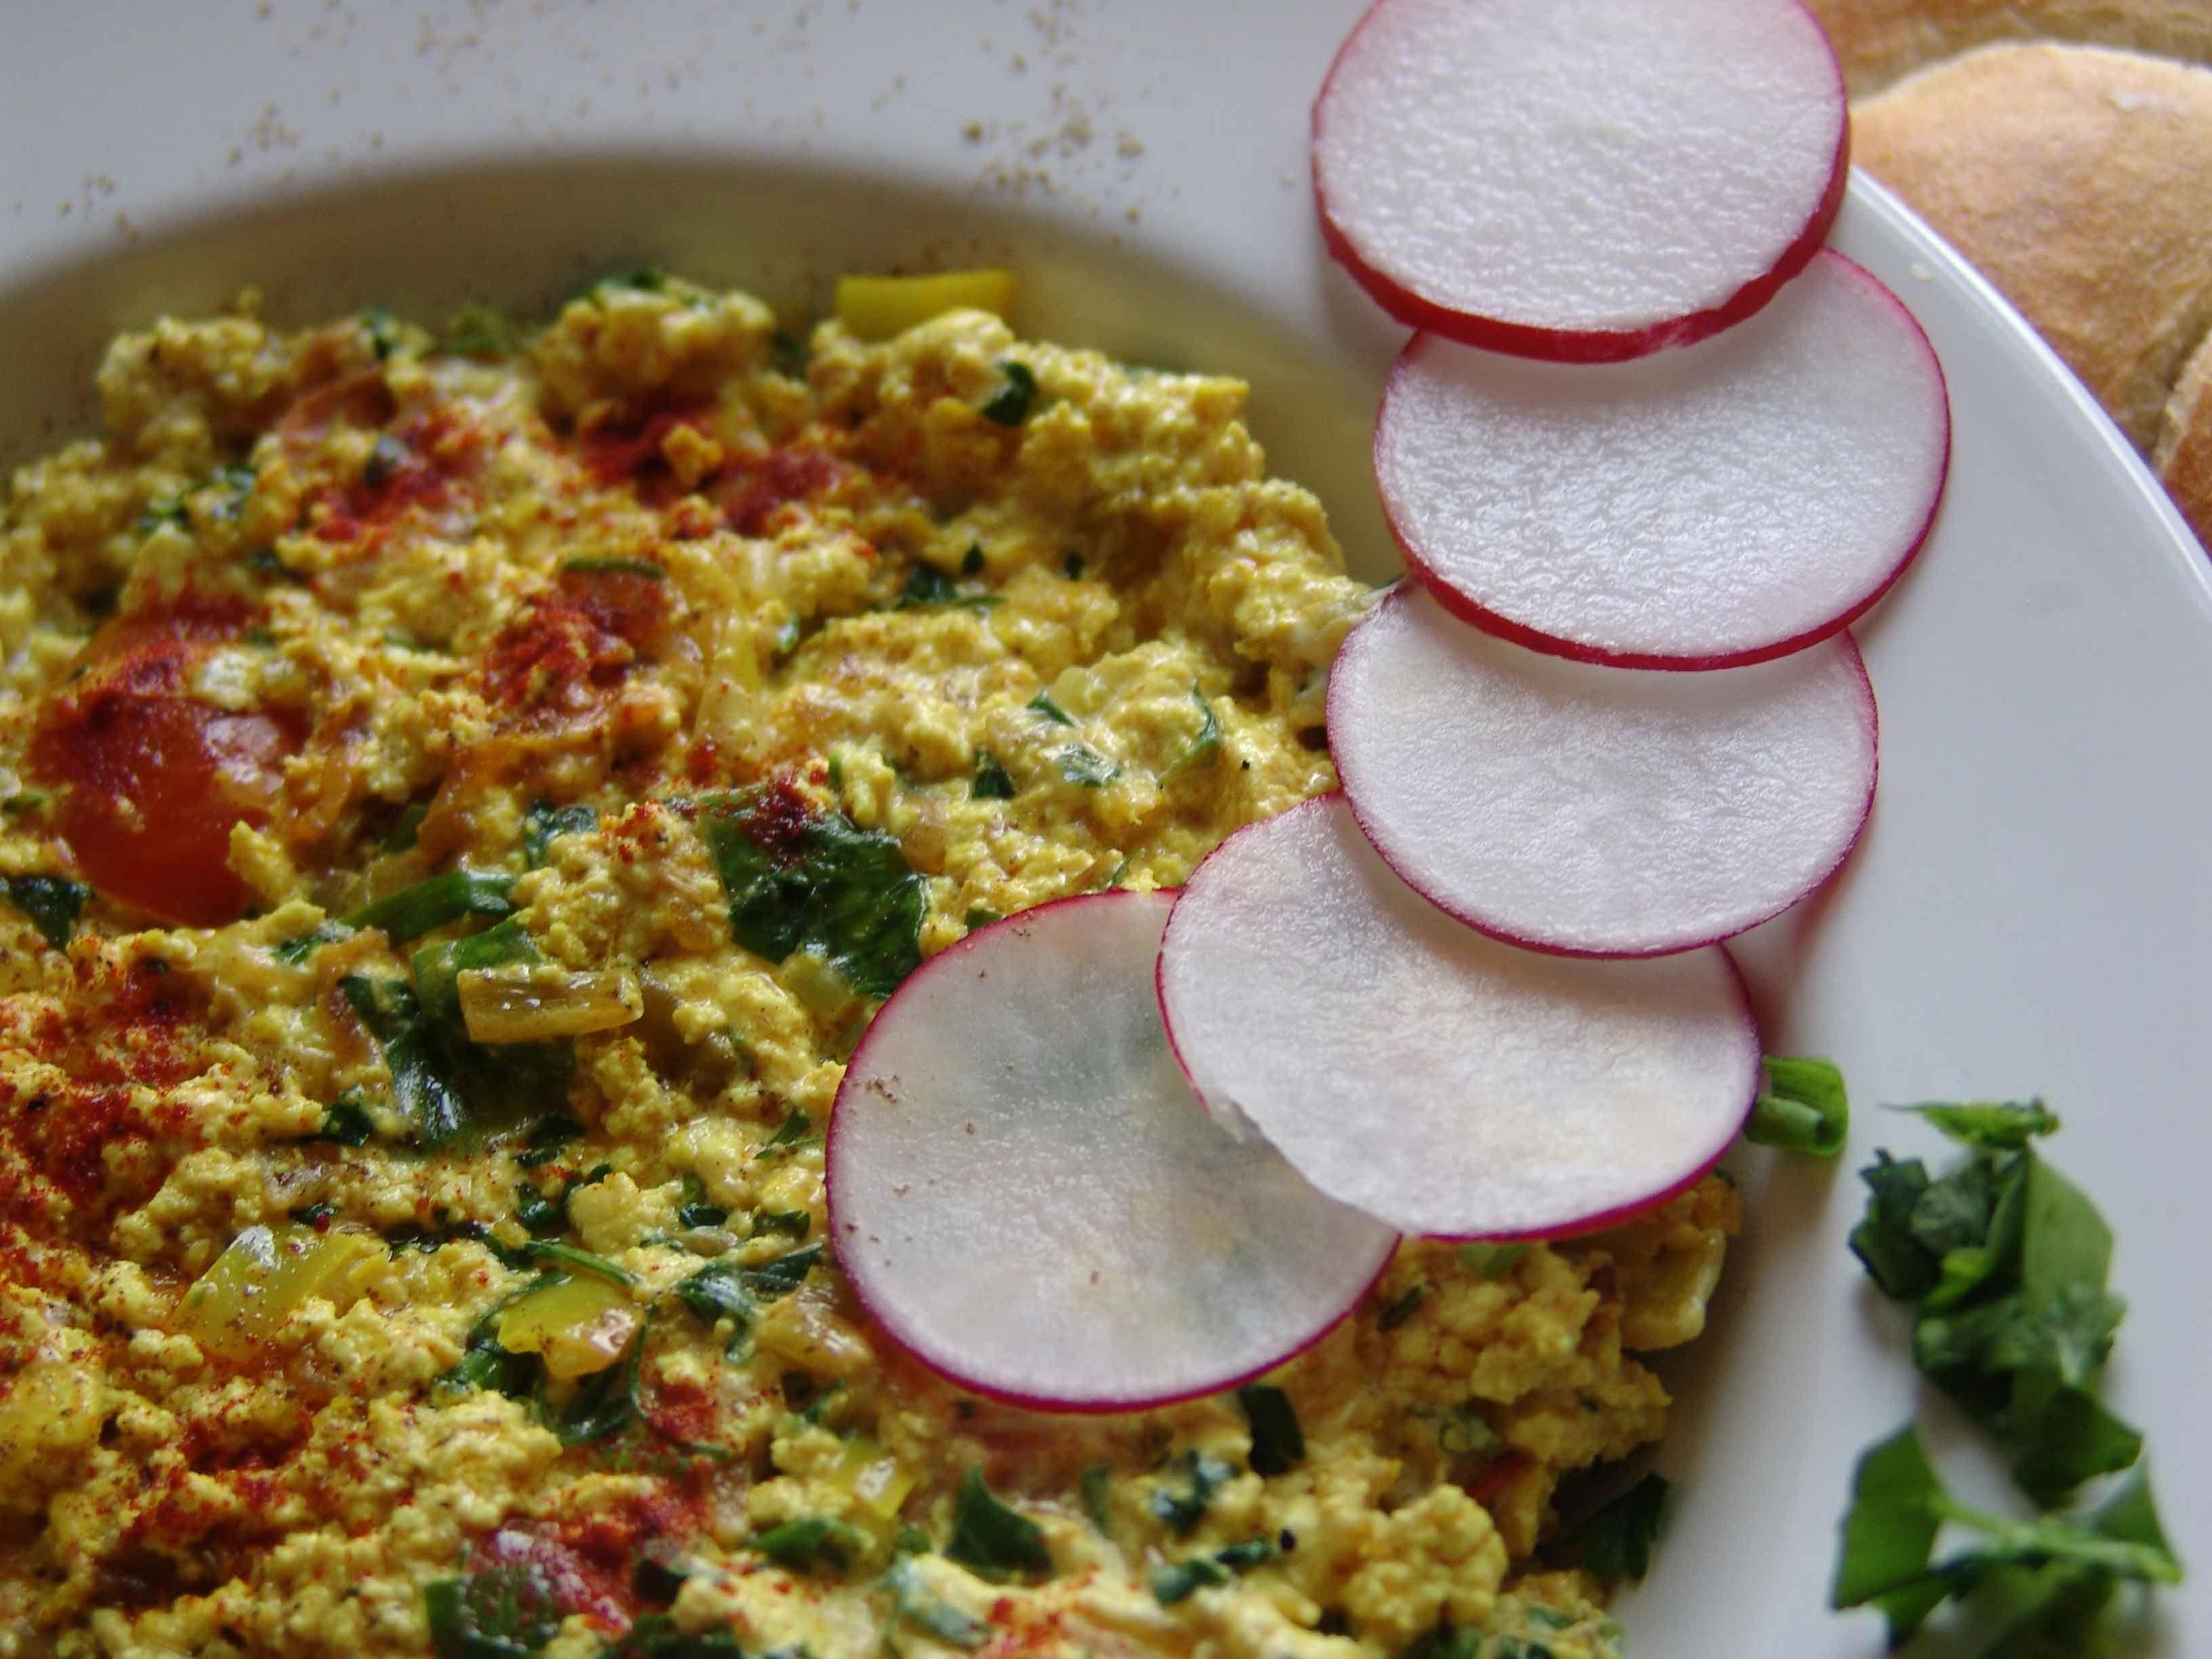 reggeli, vegetáriánus, vegán, tojás, húsmentes